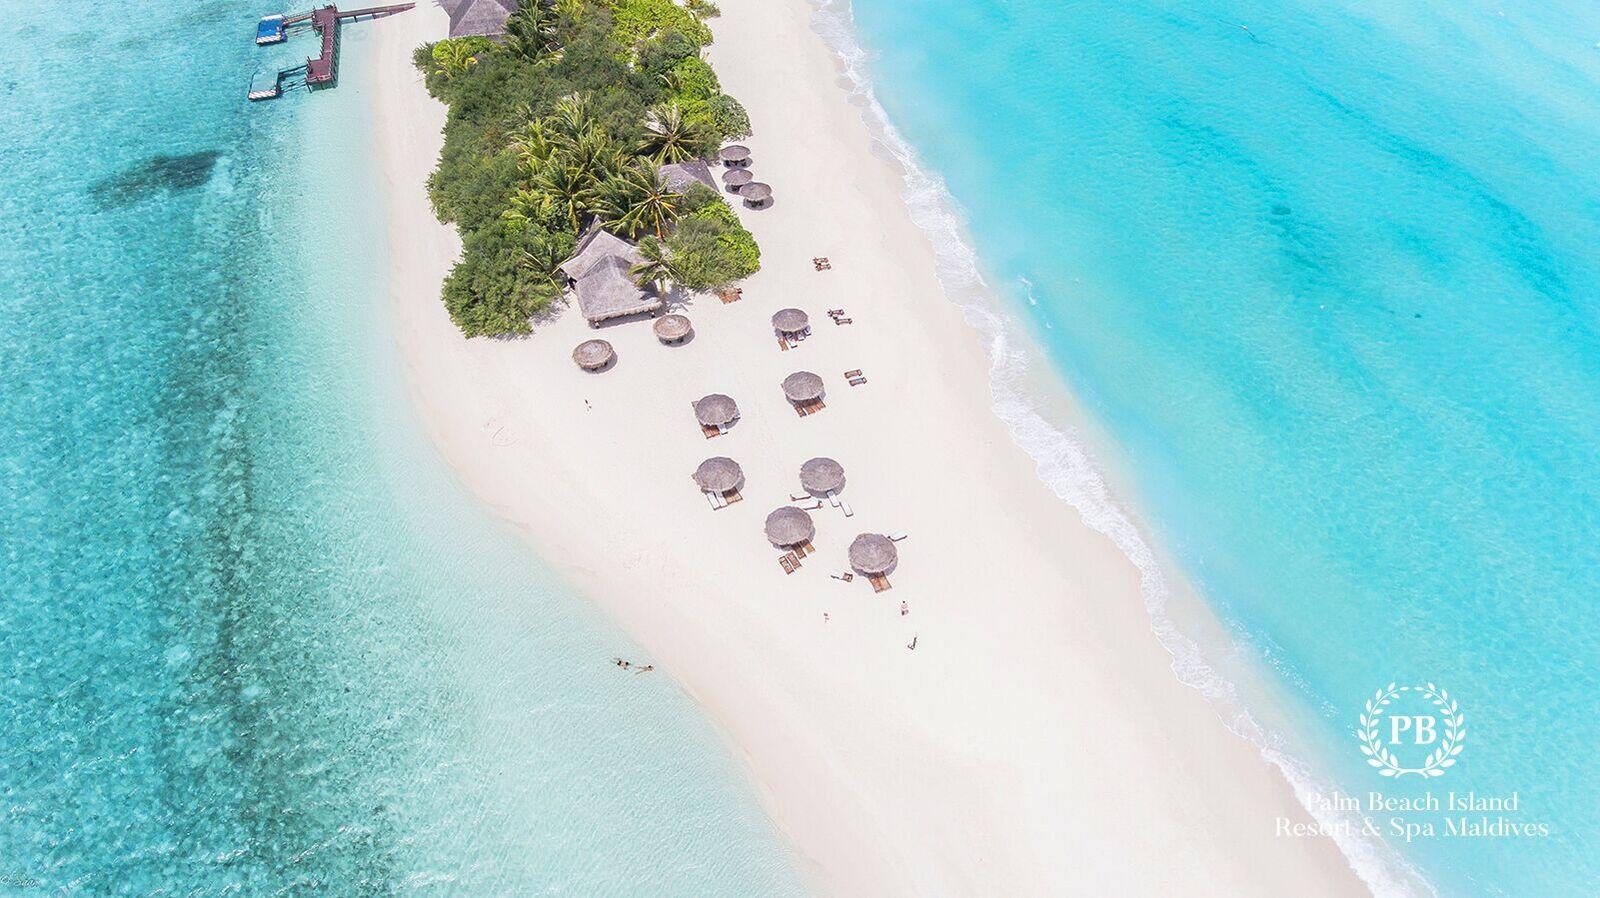 PB aerial beach_preview